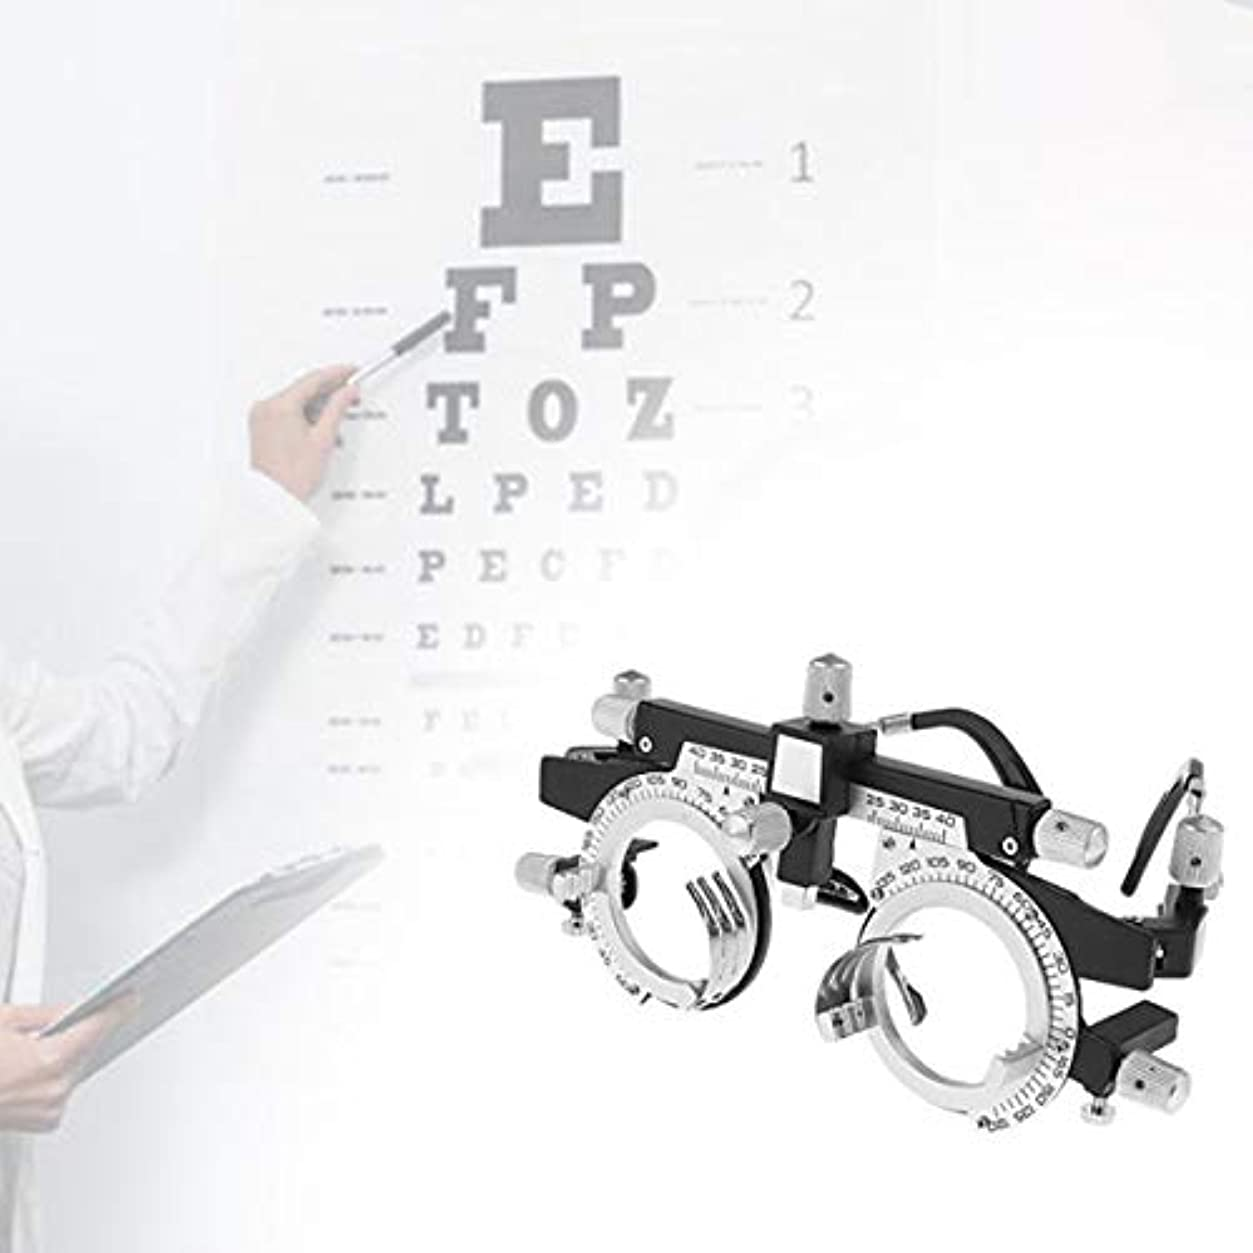 重要インフレーション魔術調整可能なプロフェッショナルアイウェア検眼メタルフレームオプティカルオプティクストライアルレンズメタルフレームPDメガネアクセサリーメタルフレーム